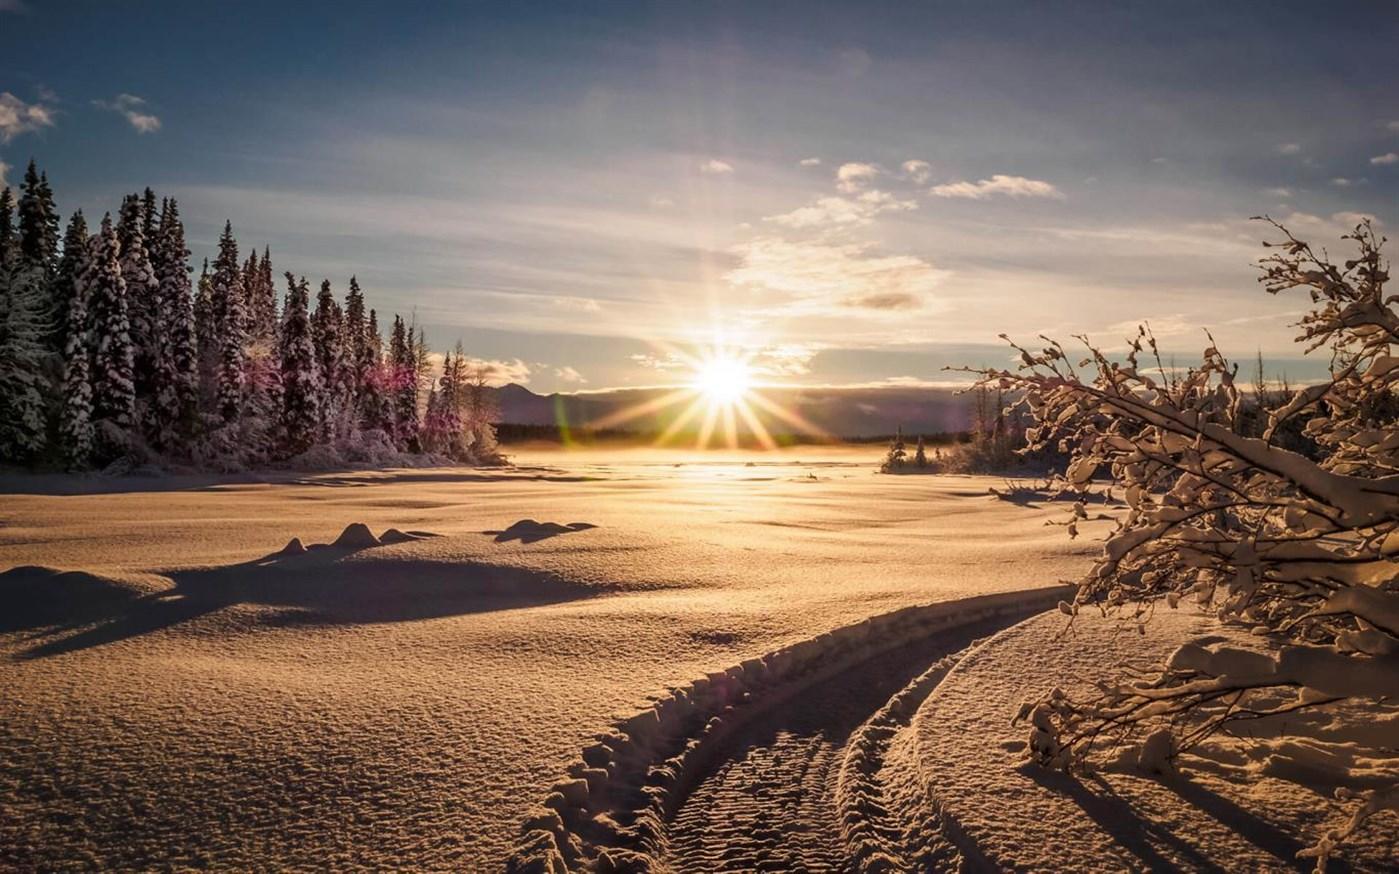 寒冷的早晨:Win10迎来初冬美景免费主题的照片 - 3